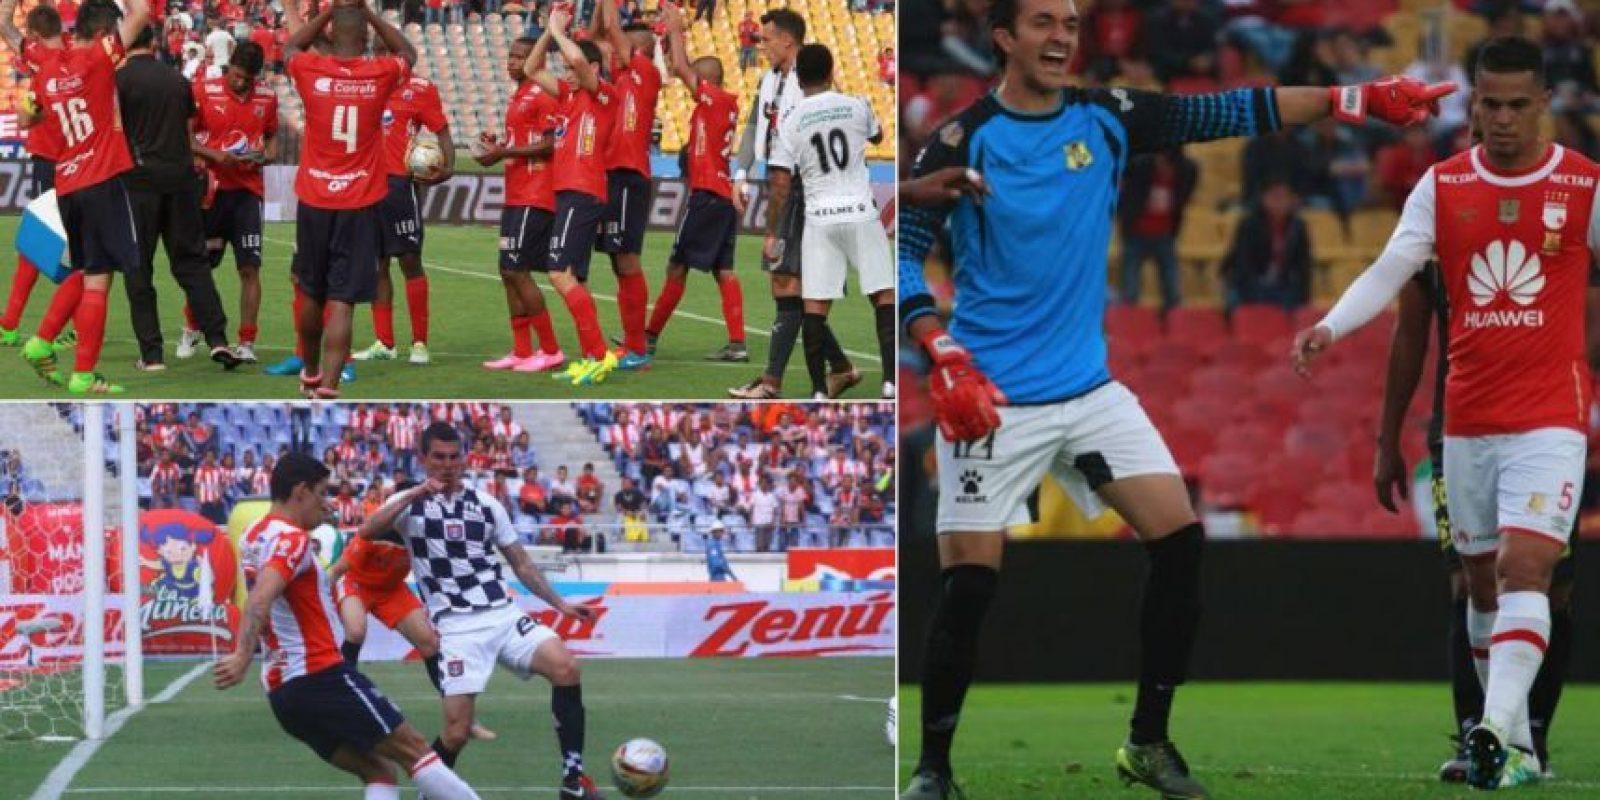 Foto:Tomado del Facebook oficial Deportivo Independiente Medellín / Tomado del Twitter oficial Atlético Junior / Juan Pablo Pino – Publimetro